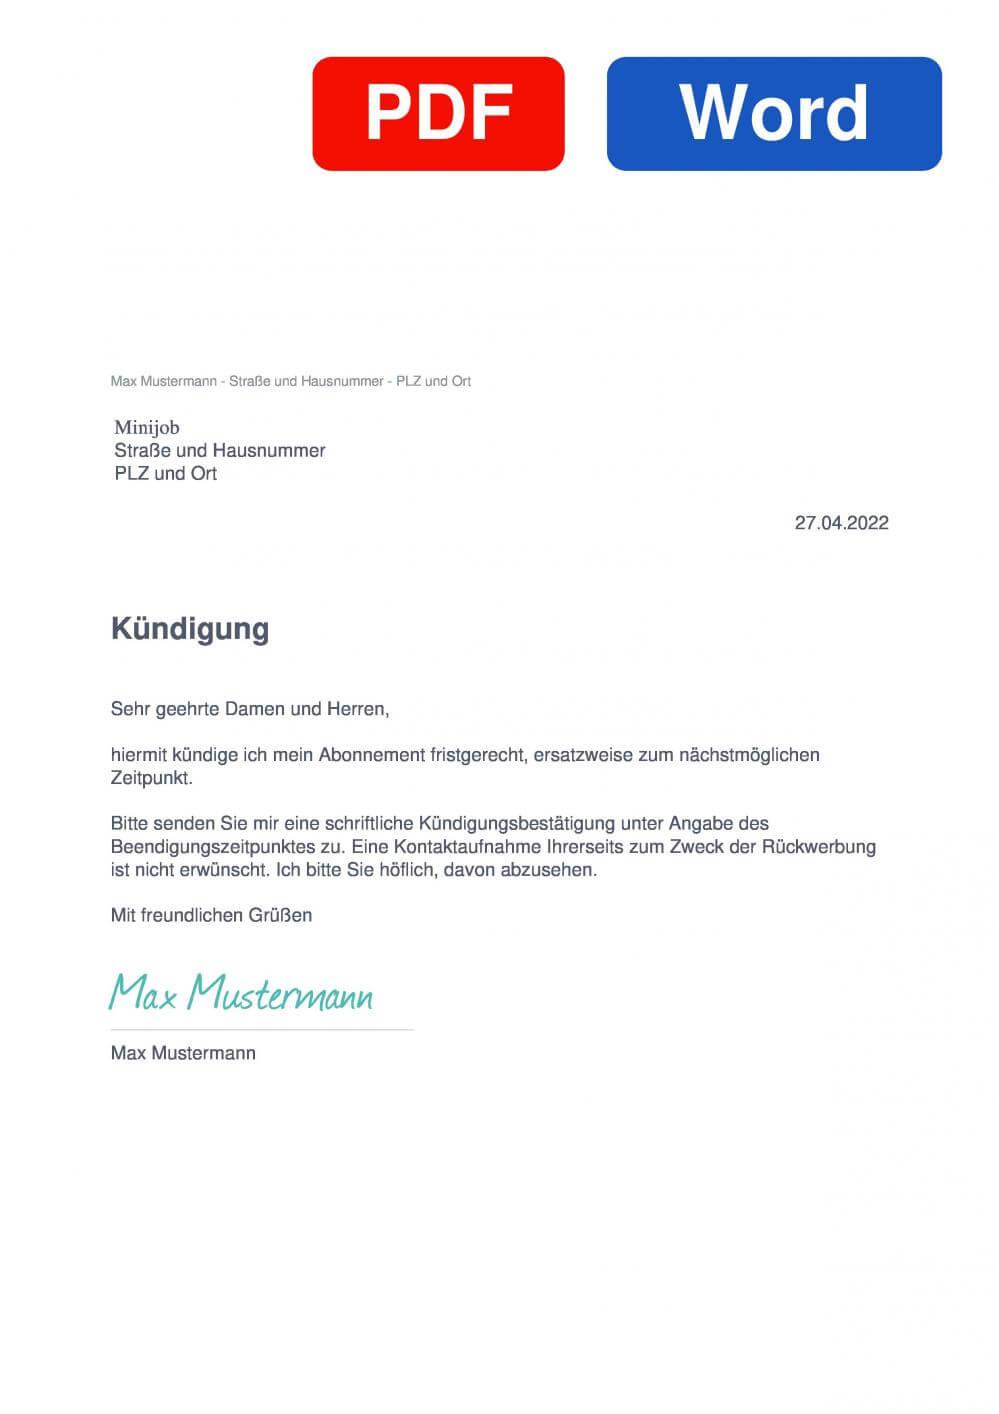 Minijob Muster Vorlage für Kündigungsschreiben